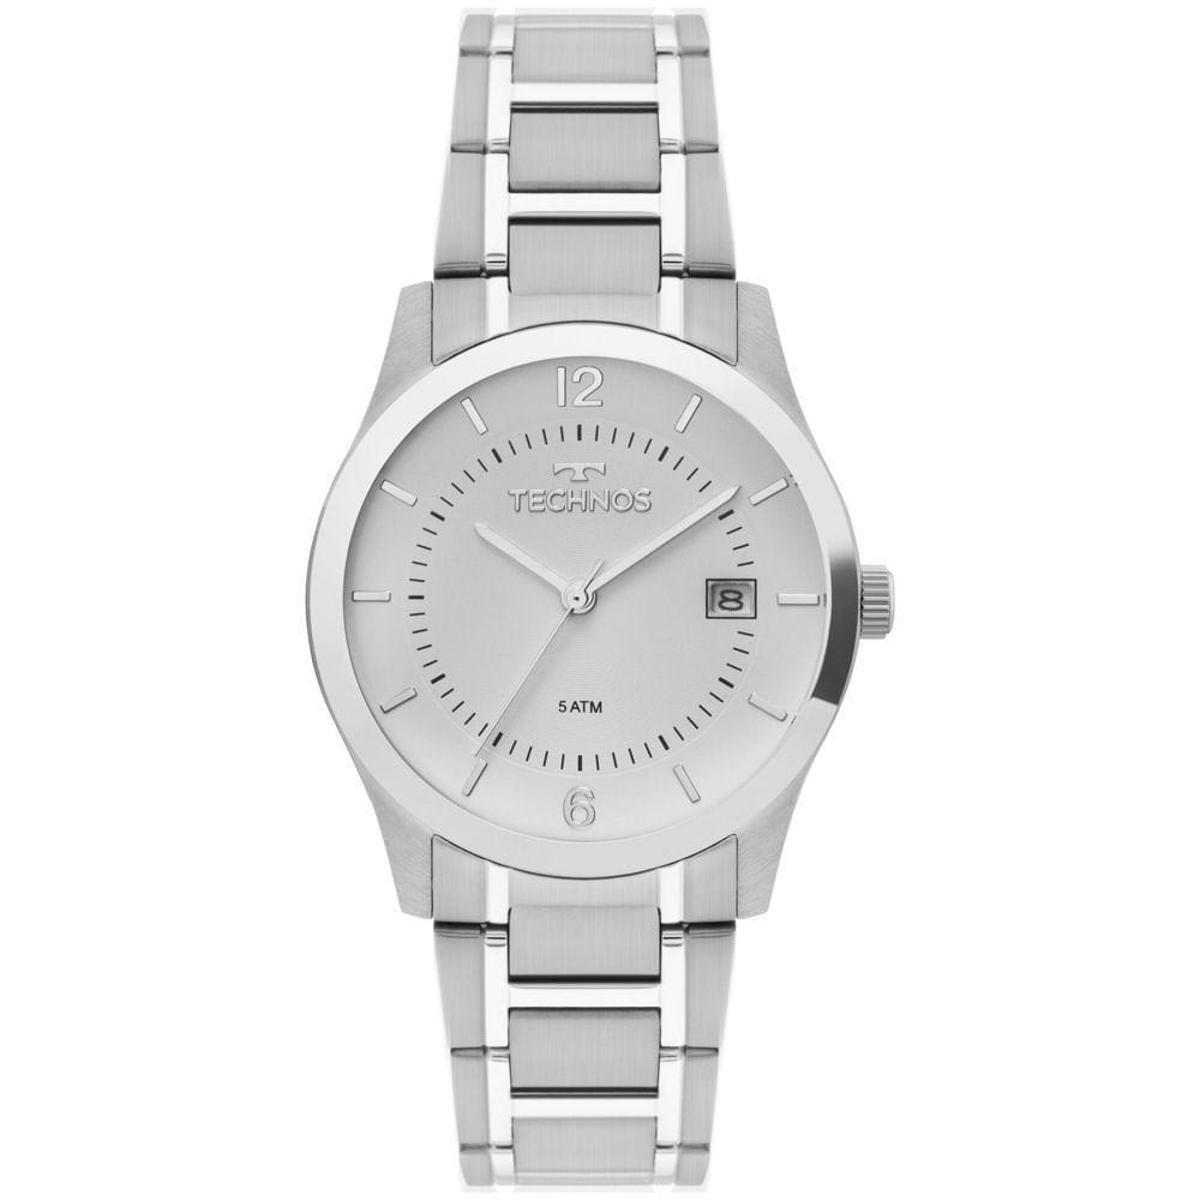 Relógio Technos Masculino Steel - GM10YM 1B GM10YM 1B - Compre Agora ... 877a407c7c